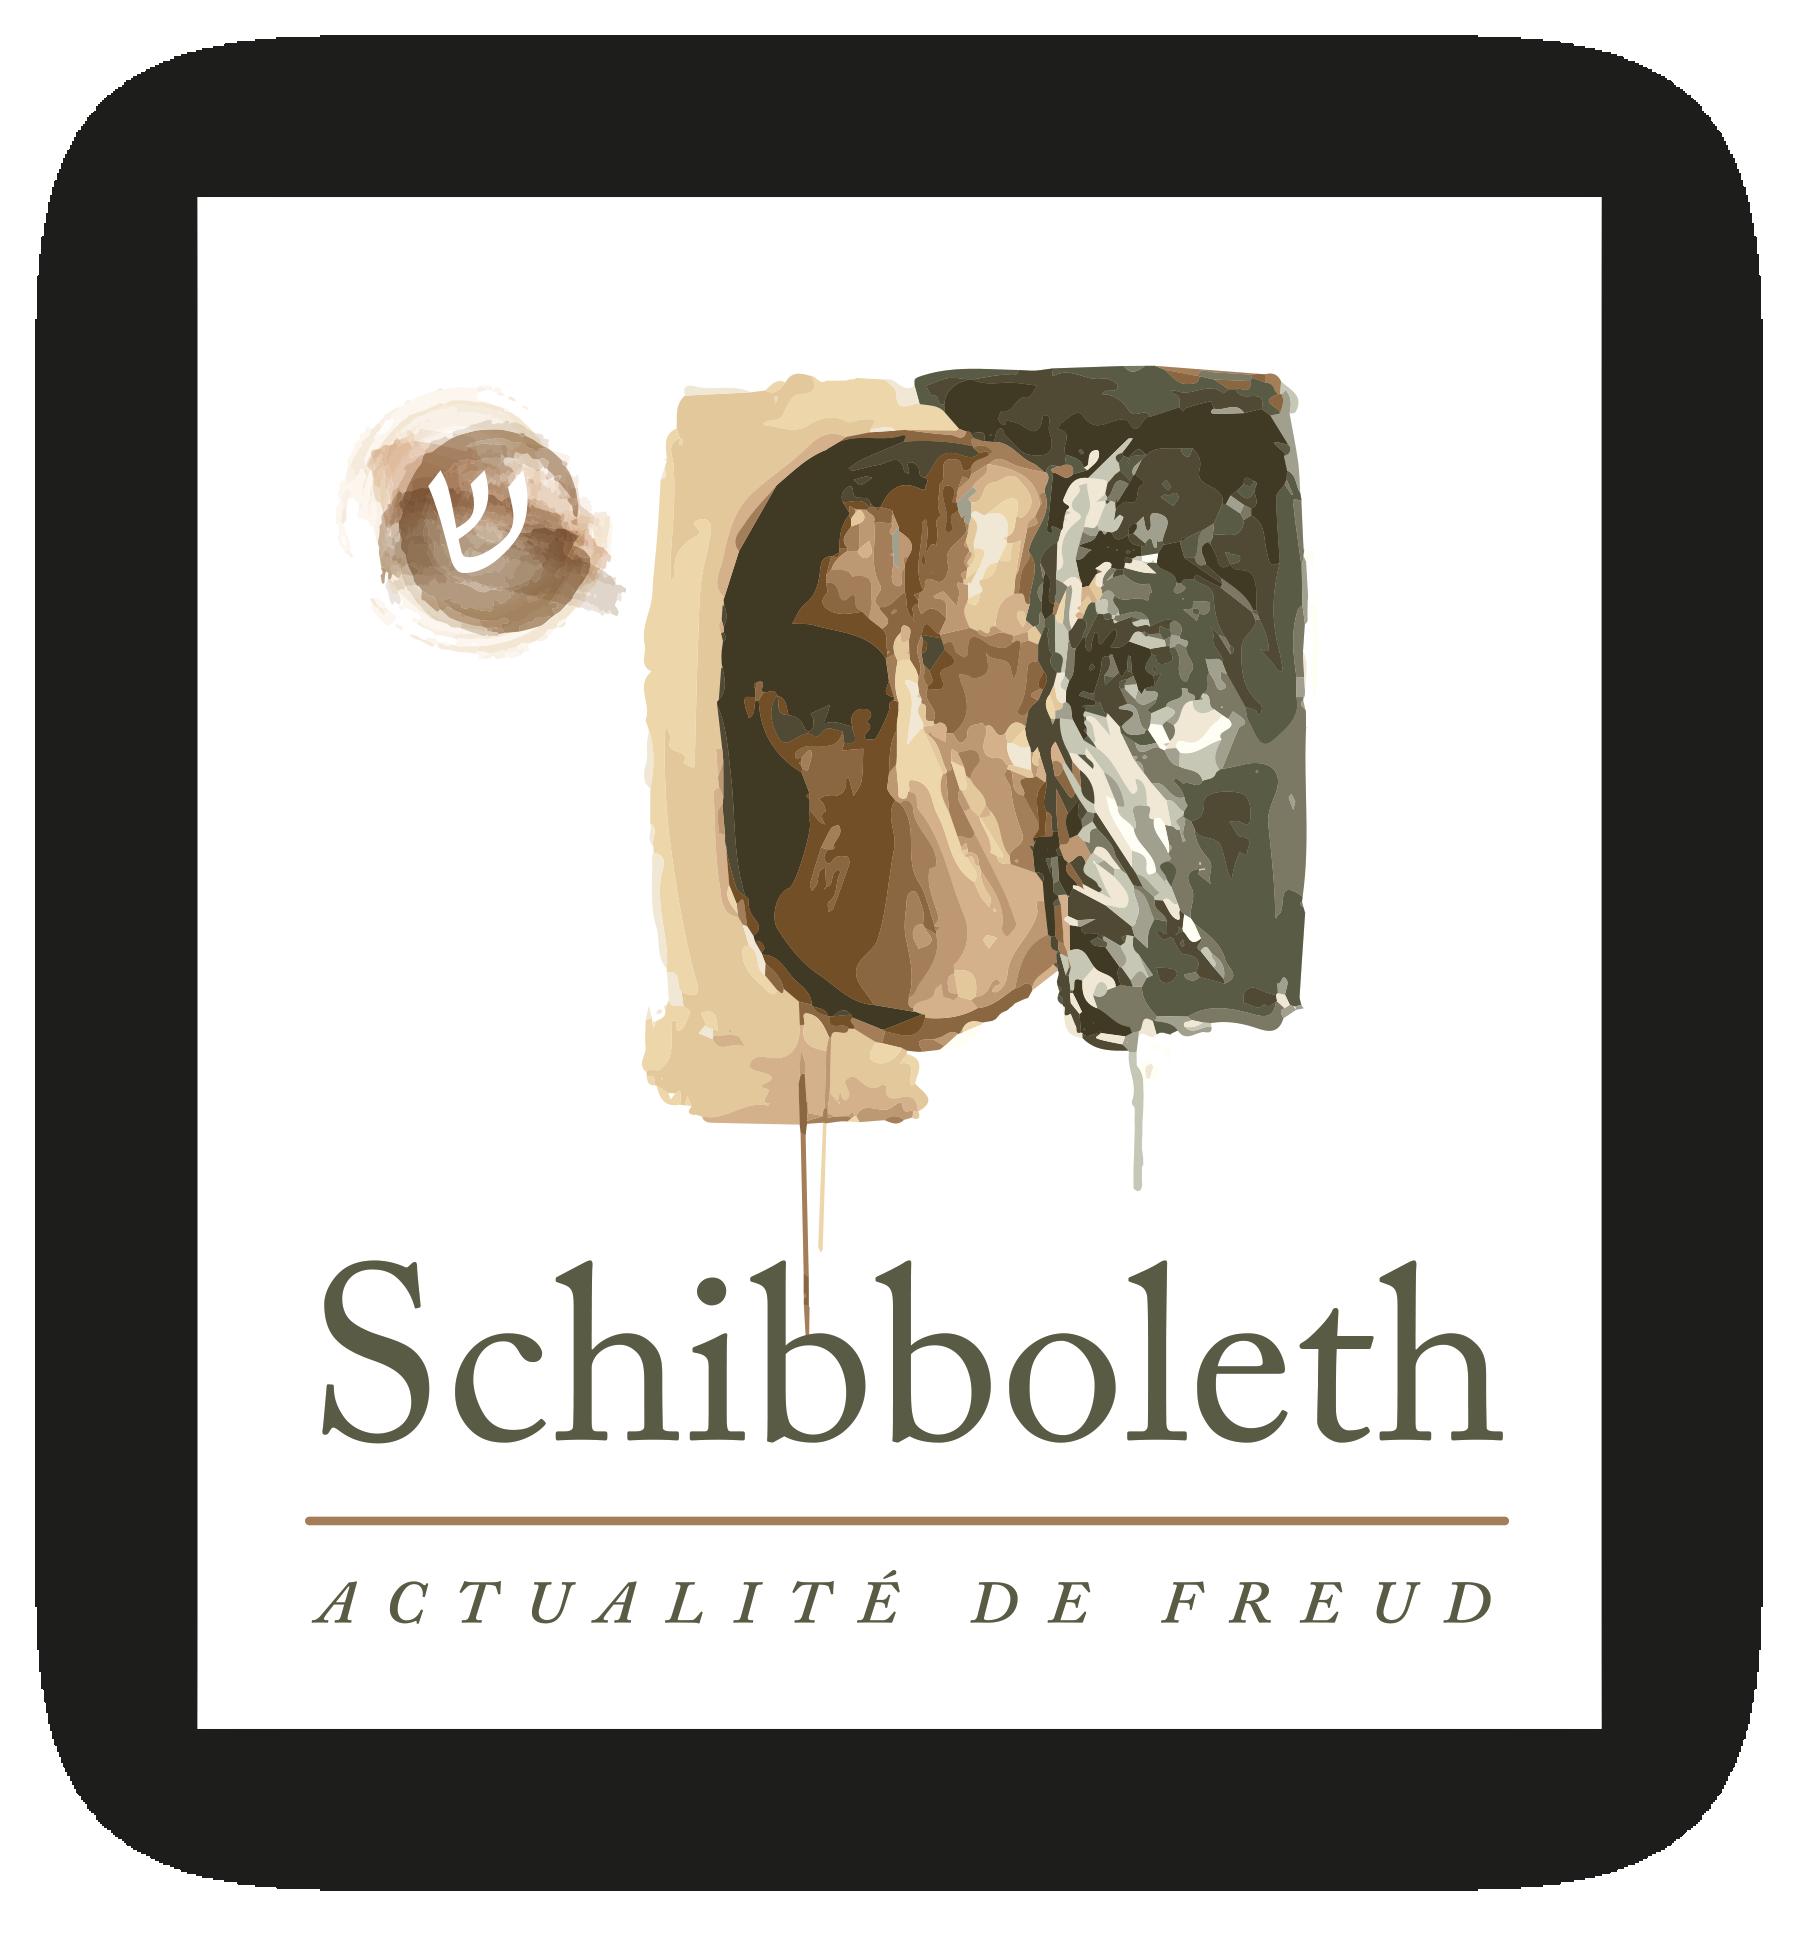 Le nom de Schibboleth